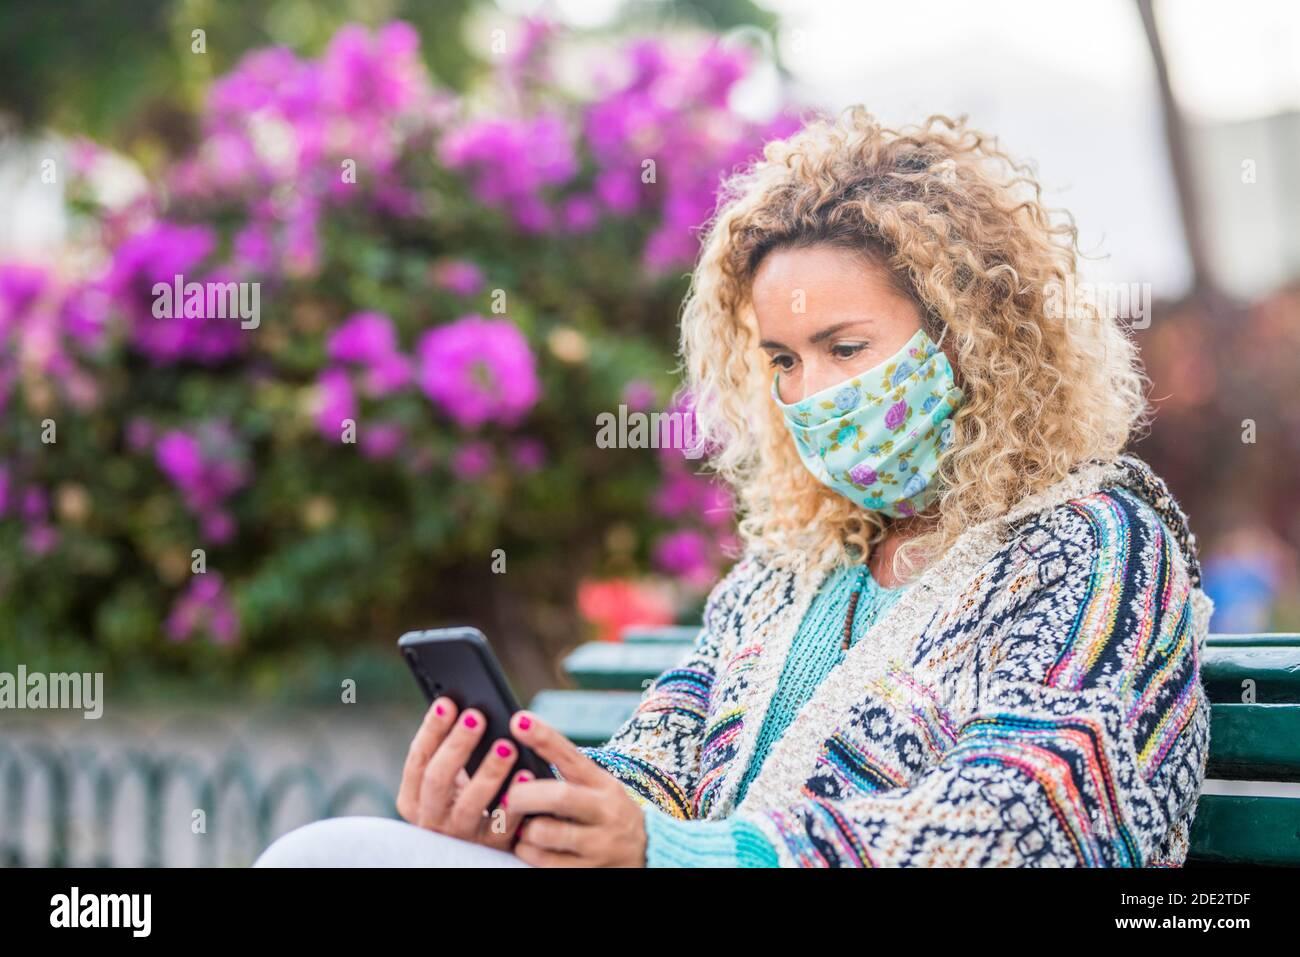 Adultes avec masque médical facial pour l'urgence du coronavirus covid-19 protection extérieure - une femme regarde le téléphone pendant une urgence covid-19 Banque D'Images